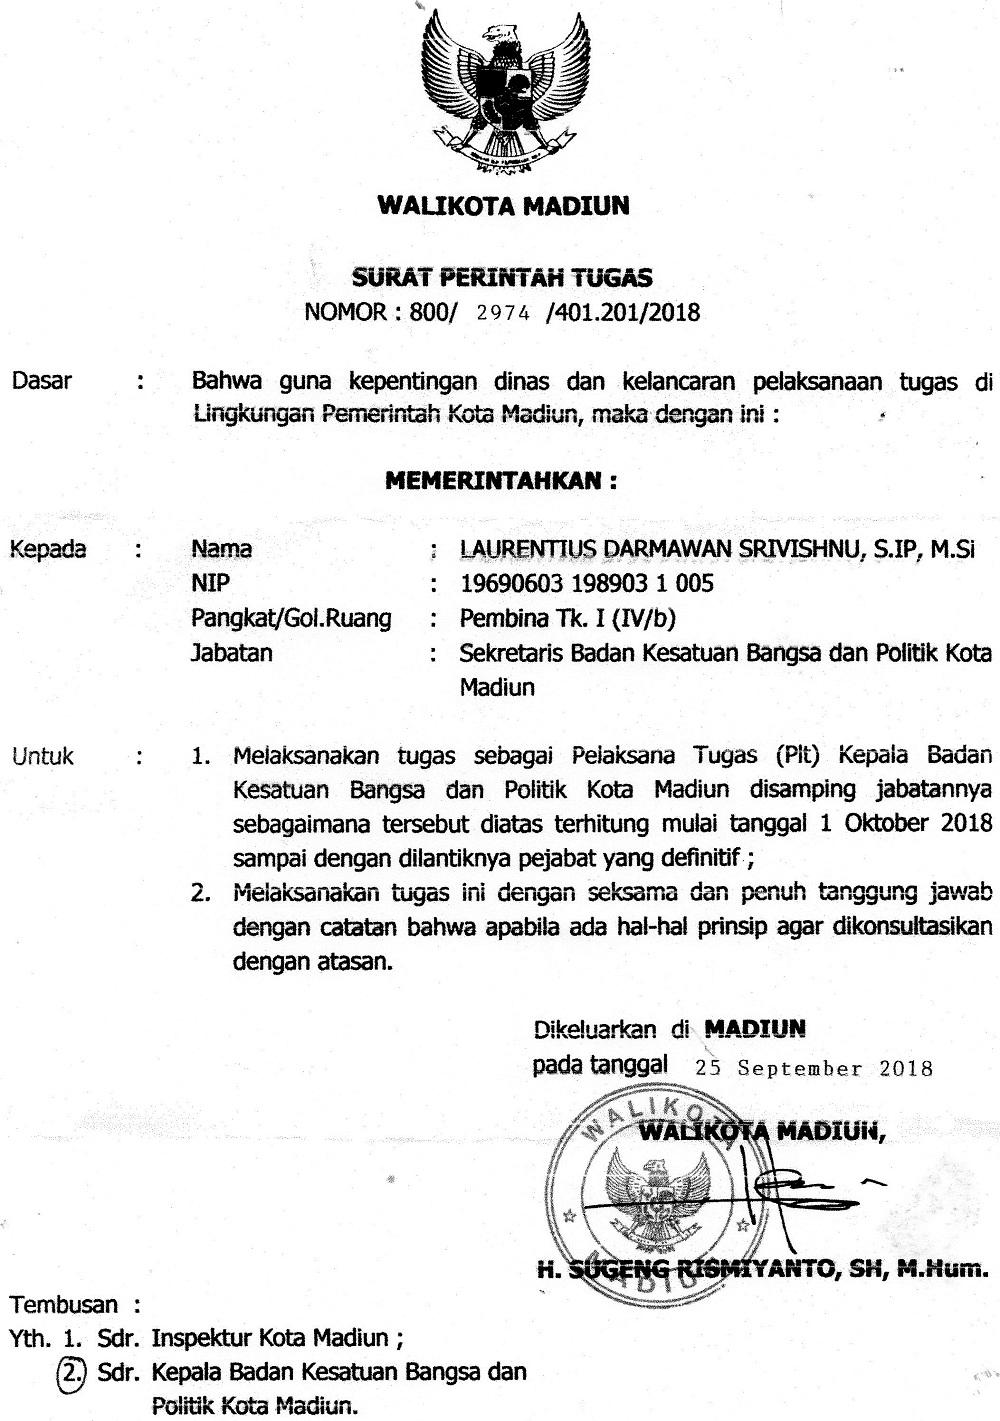 Surat Perintah Tugas Walikota Madiun Tentang Penunjukan